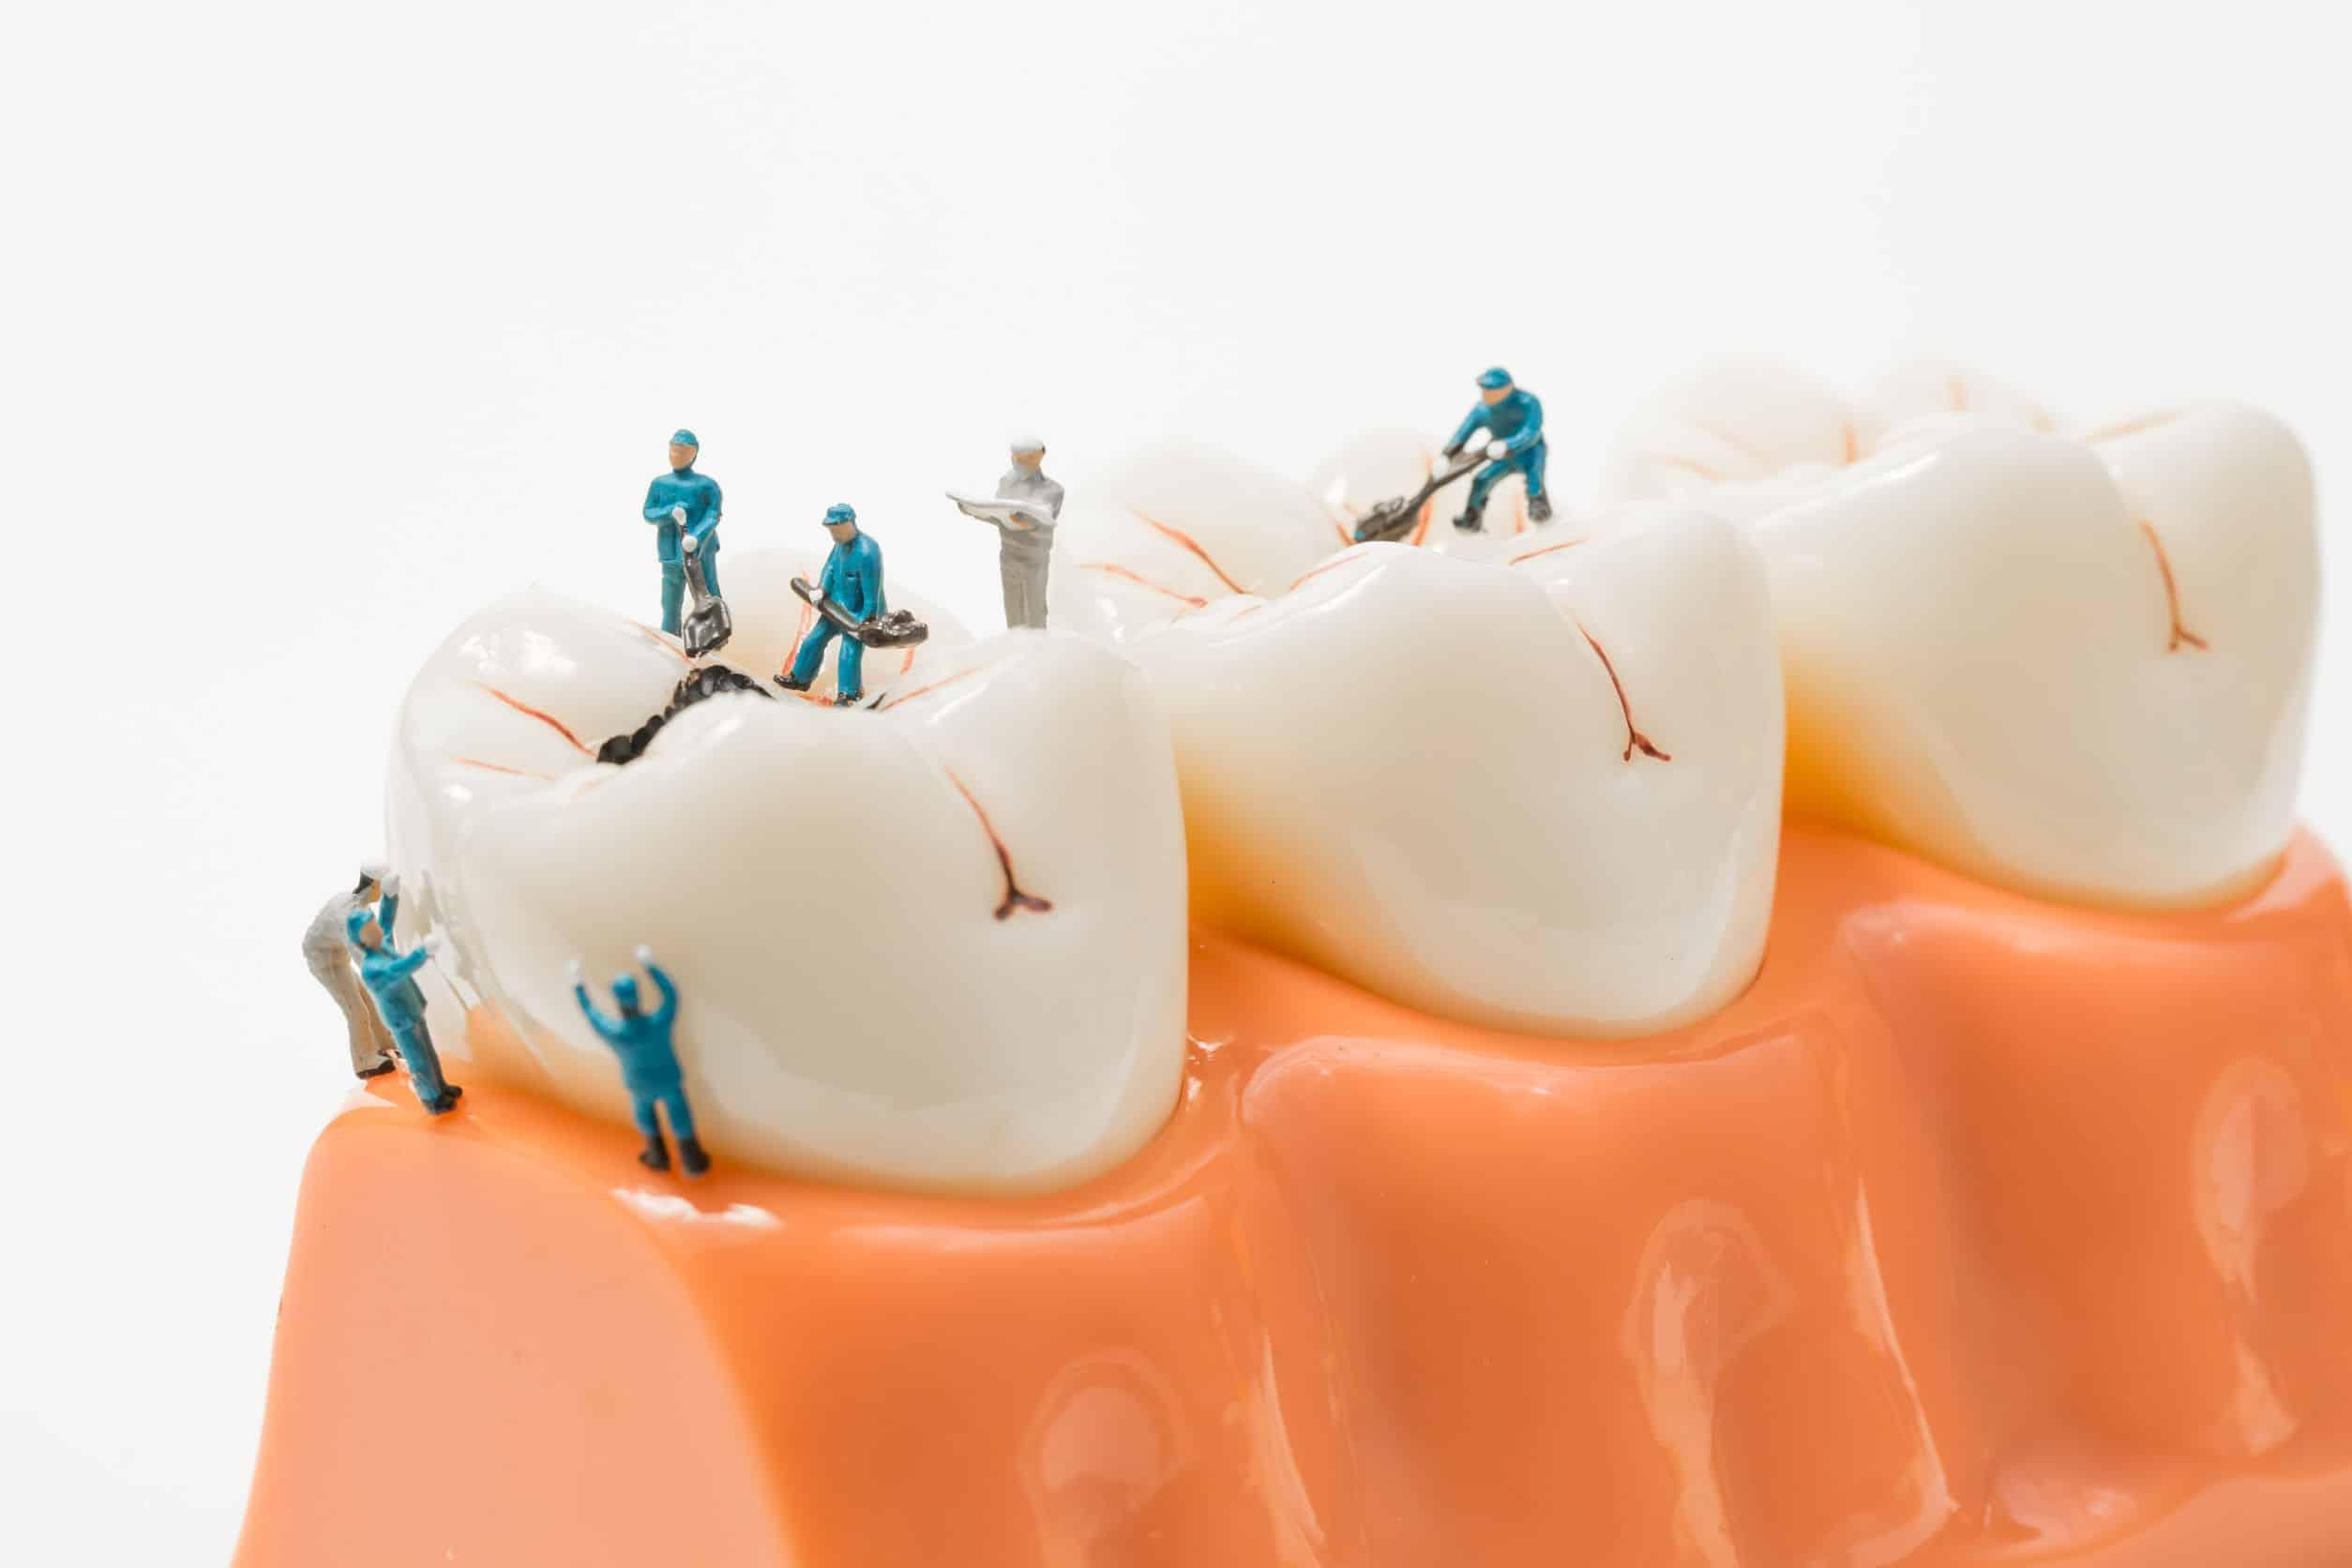 Reconstruccion de una caries dental